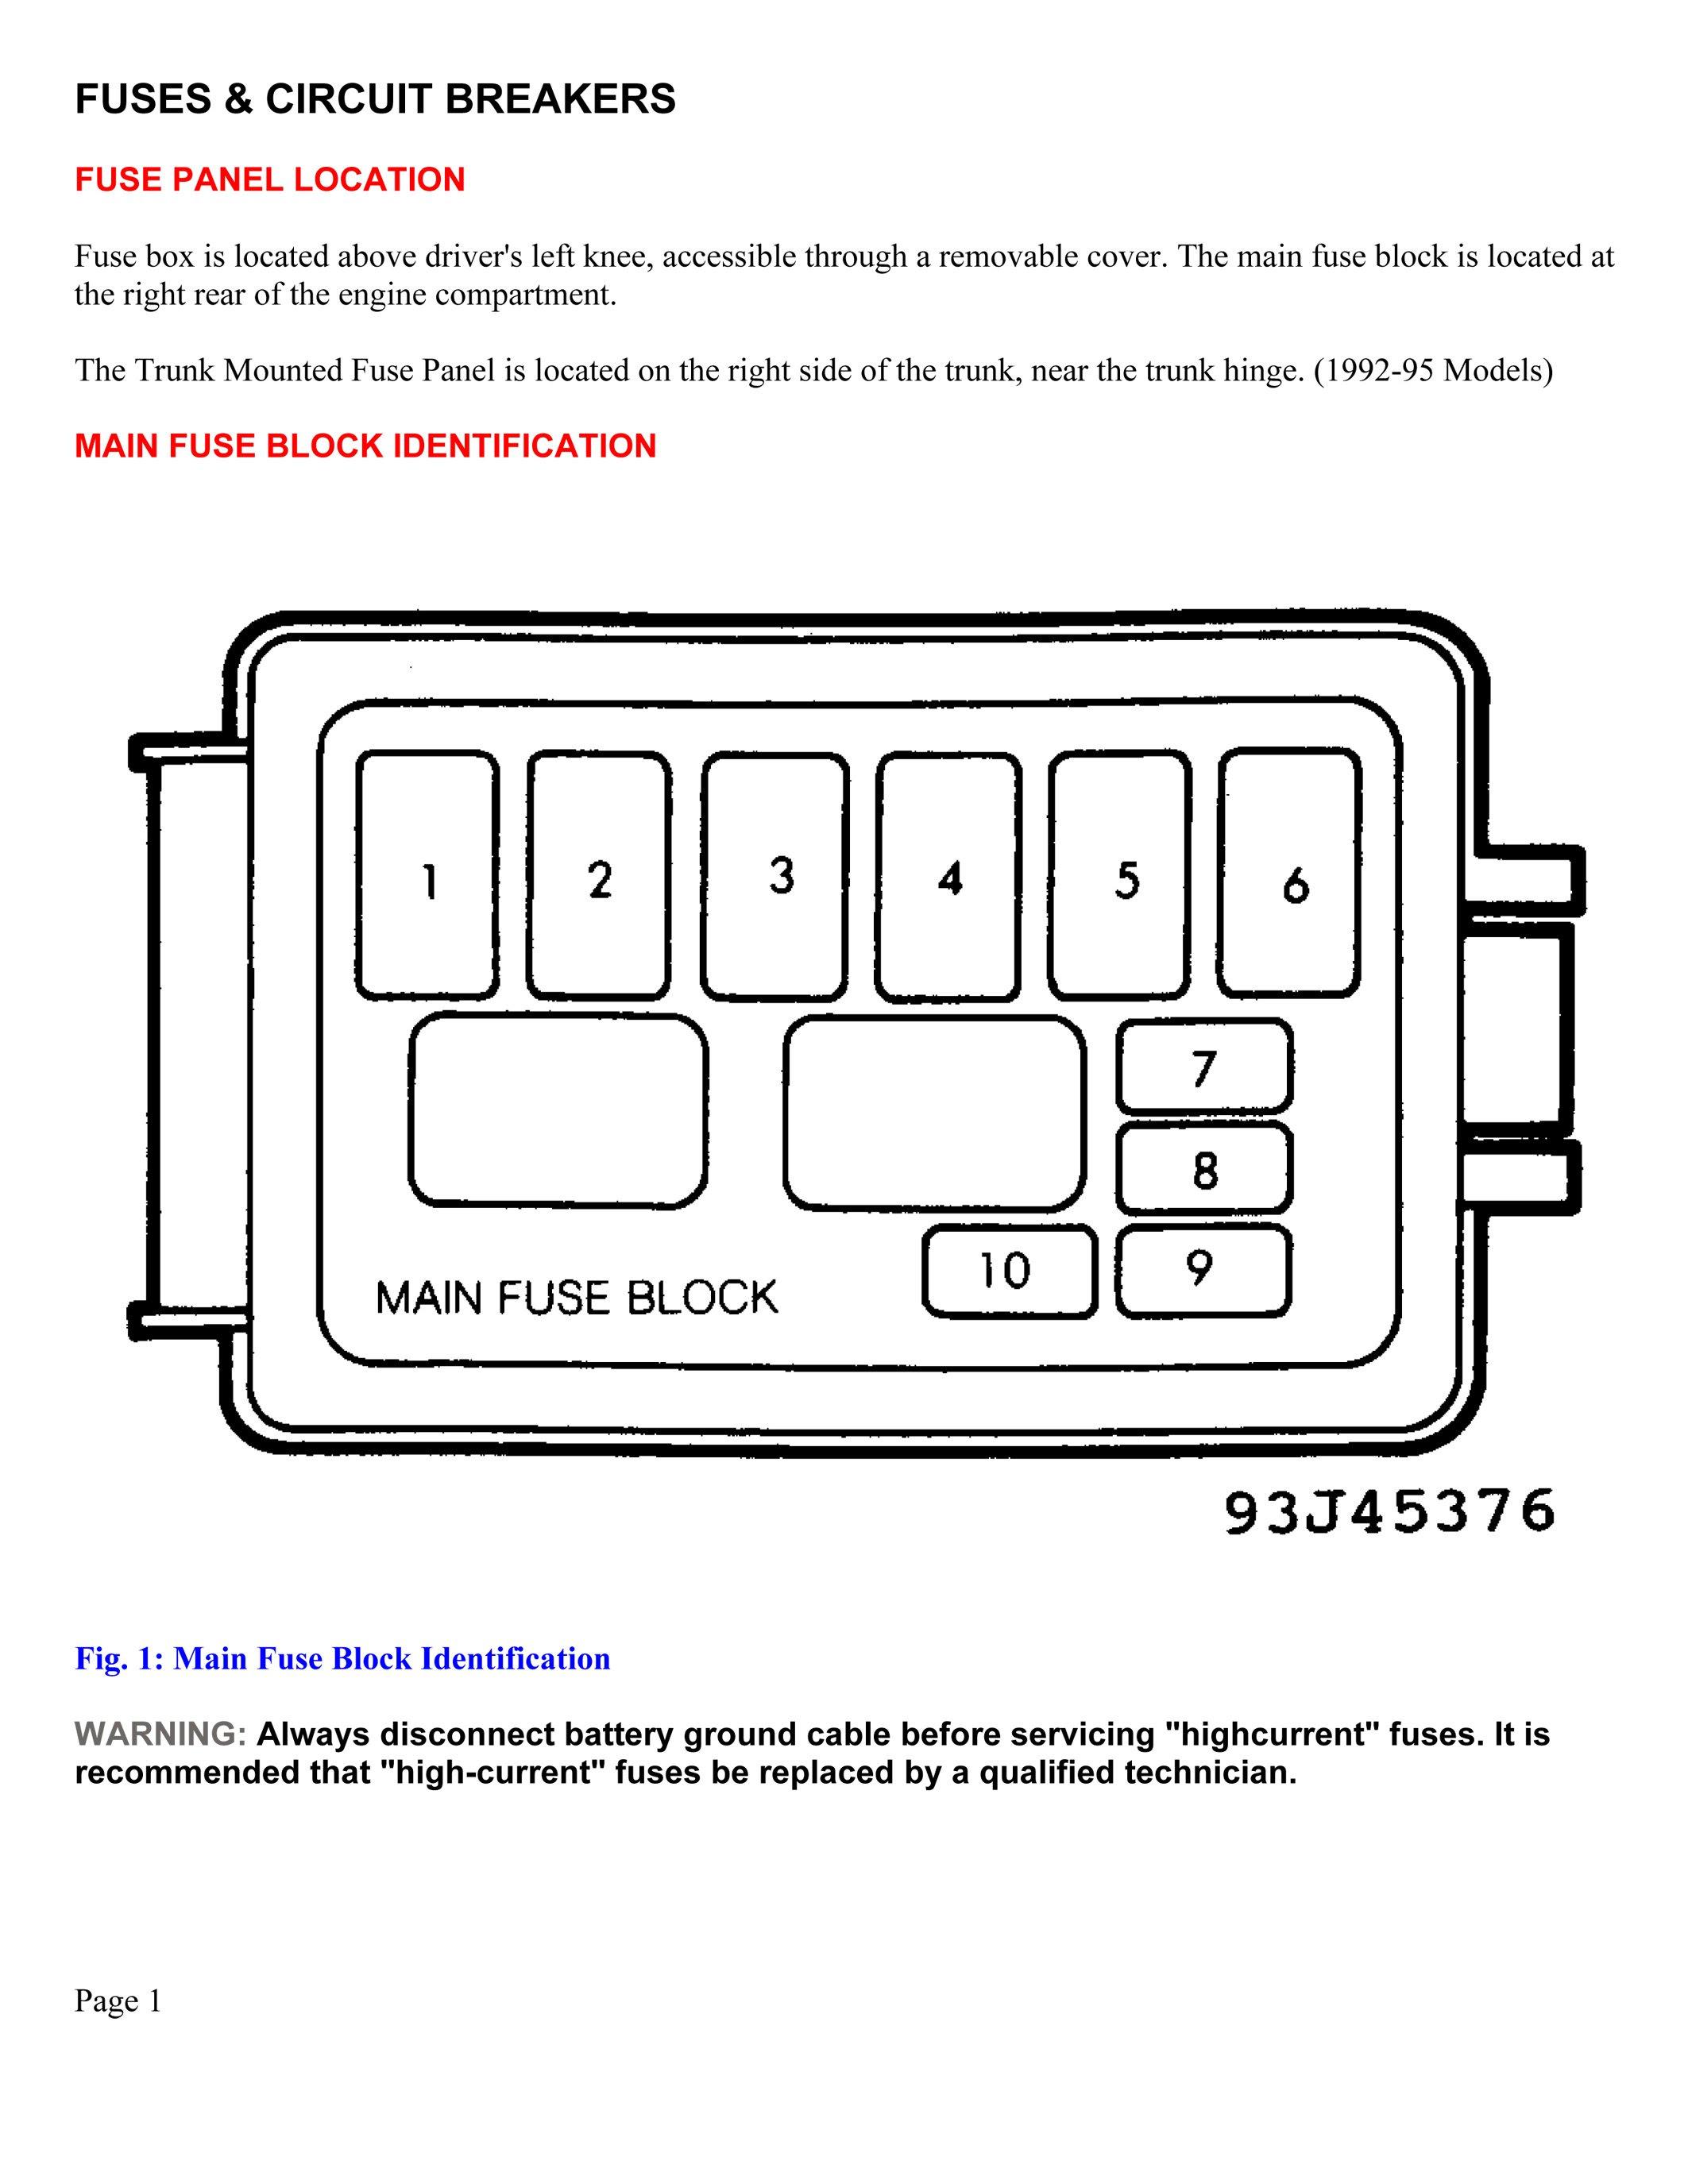 1993 mazda miata fuse box diagram - wiring diagram seem-frame -  seem-frame.cfcarsnoleggio.it  cfcarsnoleggio.it